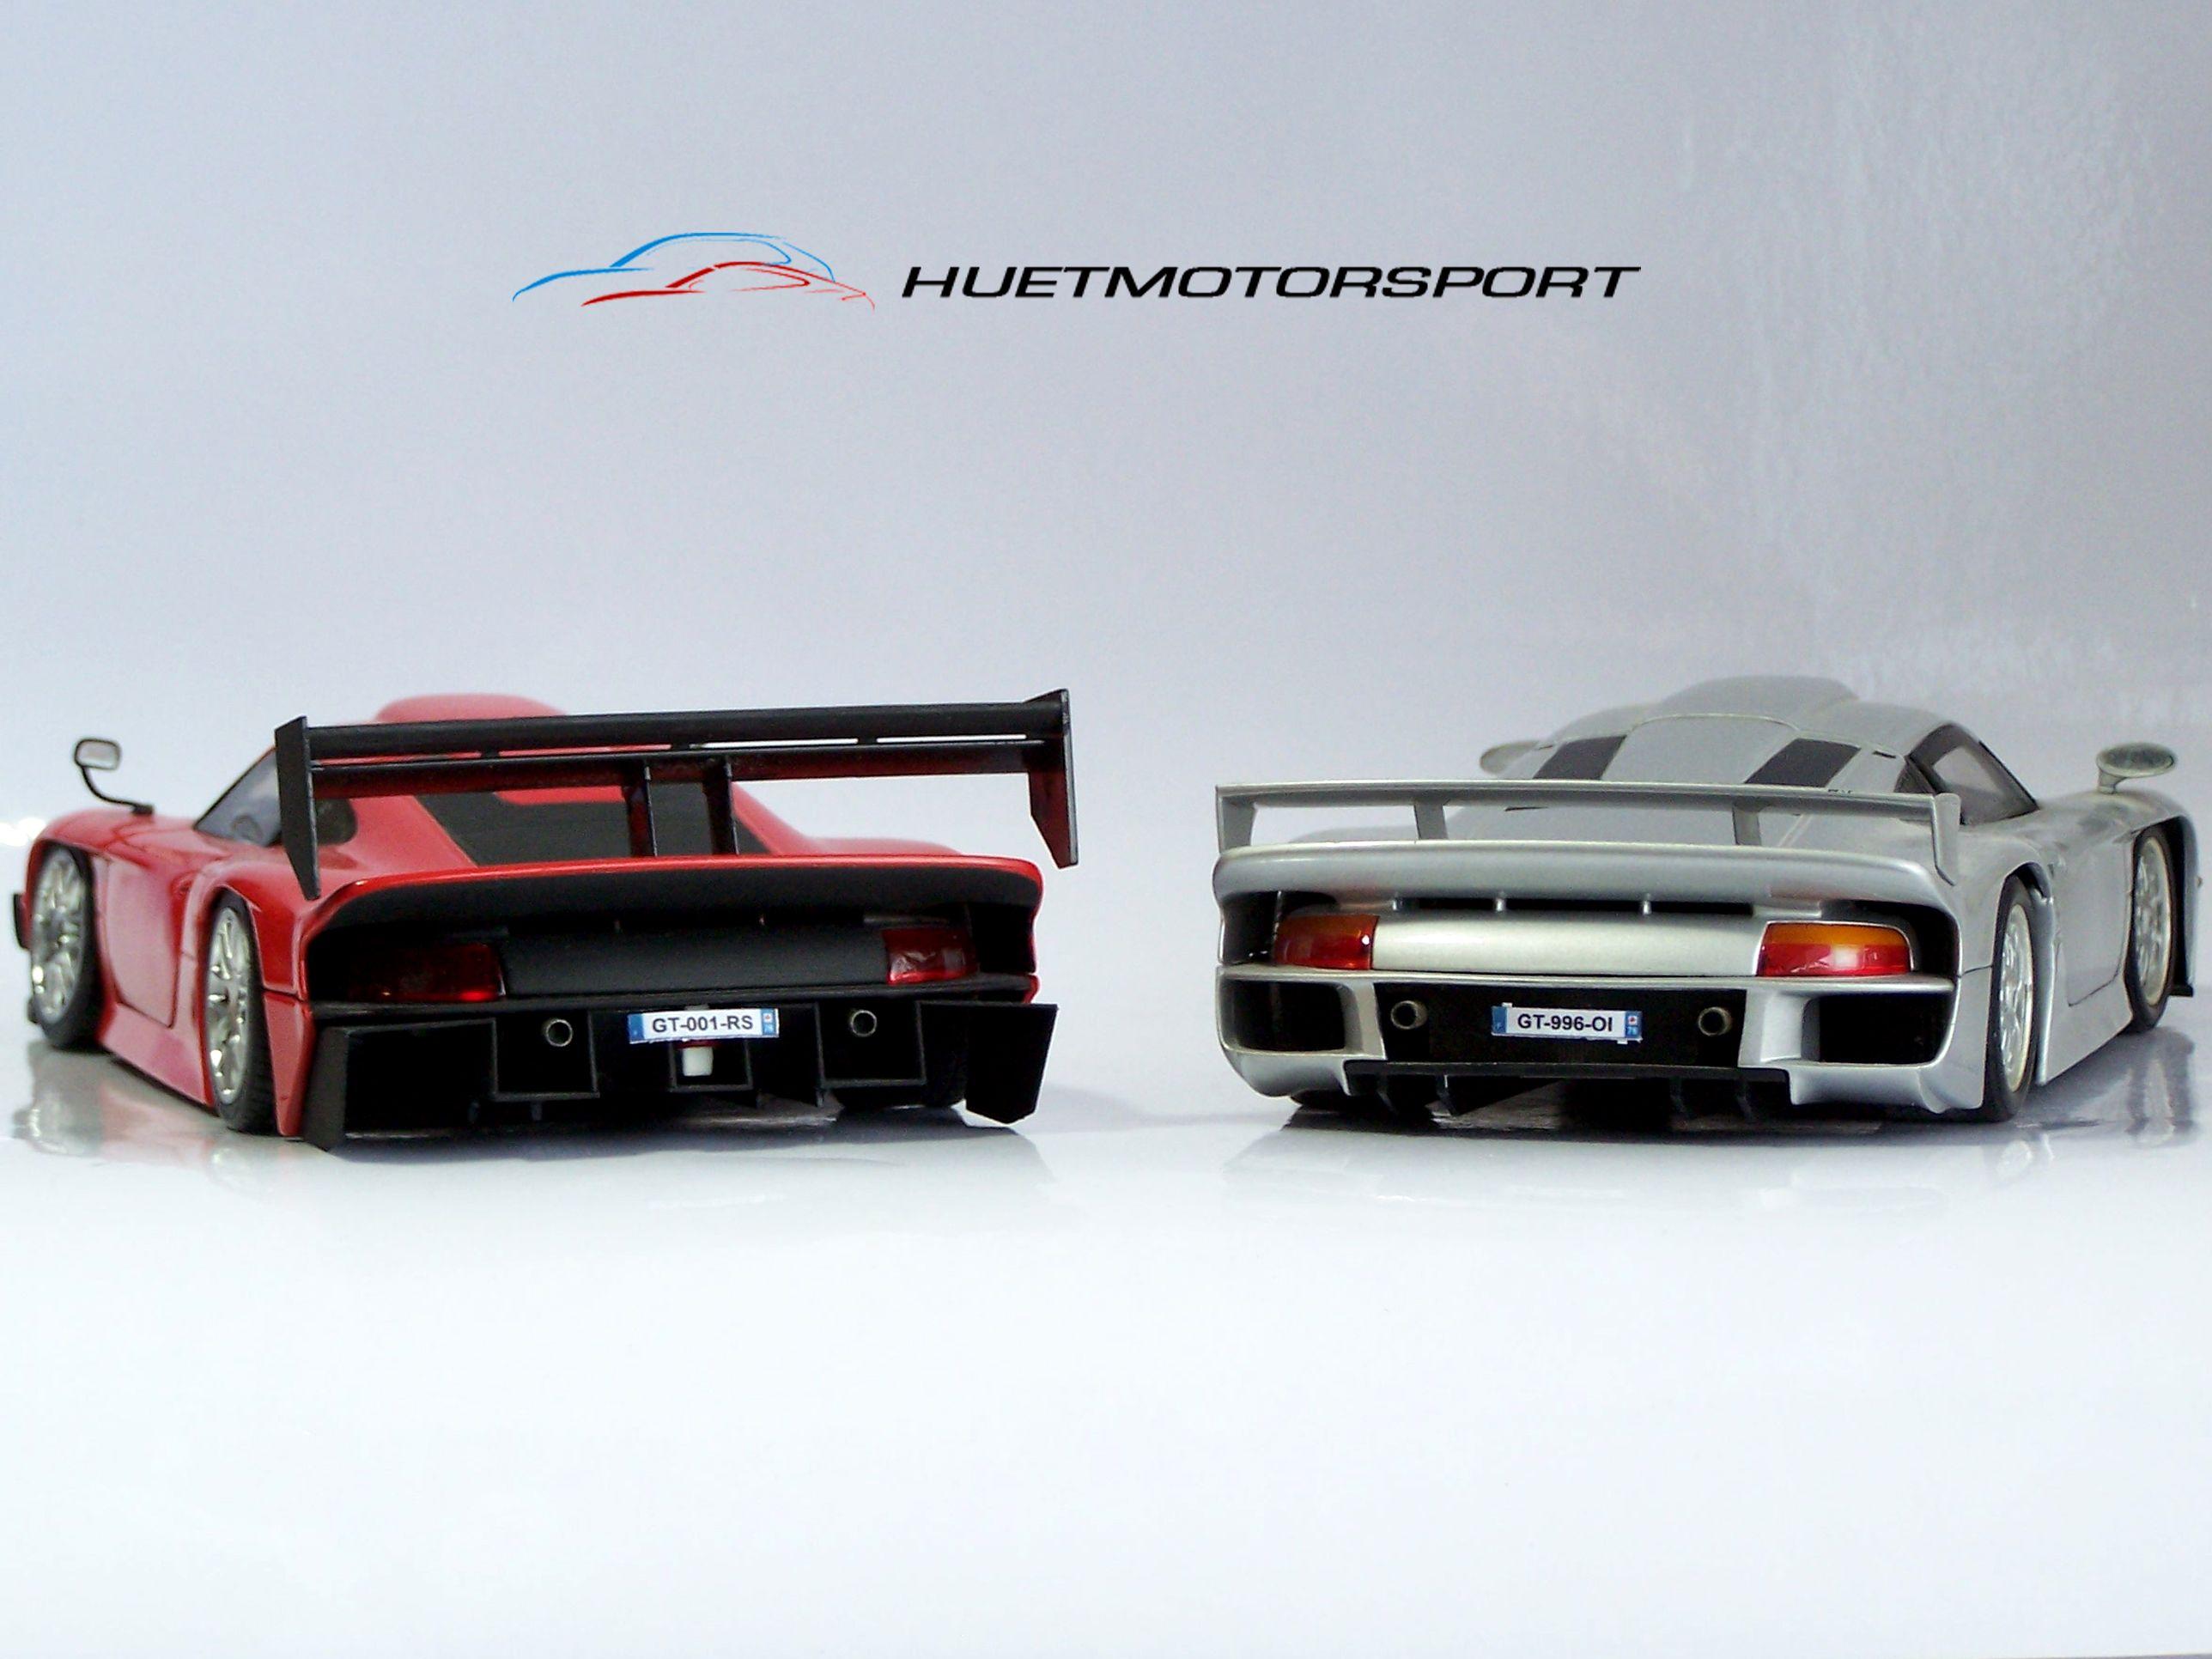 b2bf9bb6f34018a95746af04cdcef06f Breathtaking Tamiya Porsche 911 Gt1 Full View Cars Trend